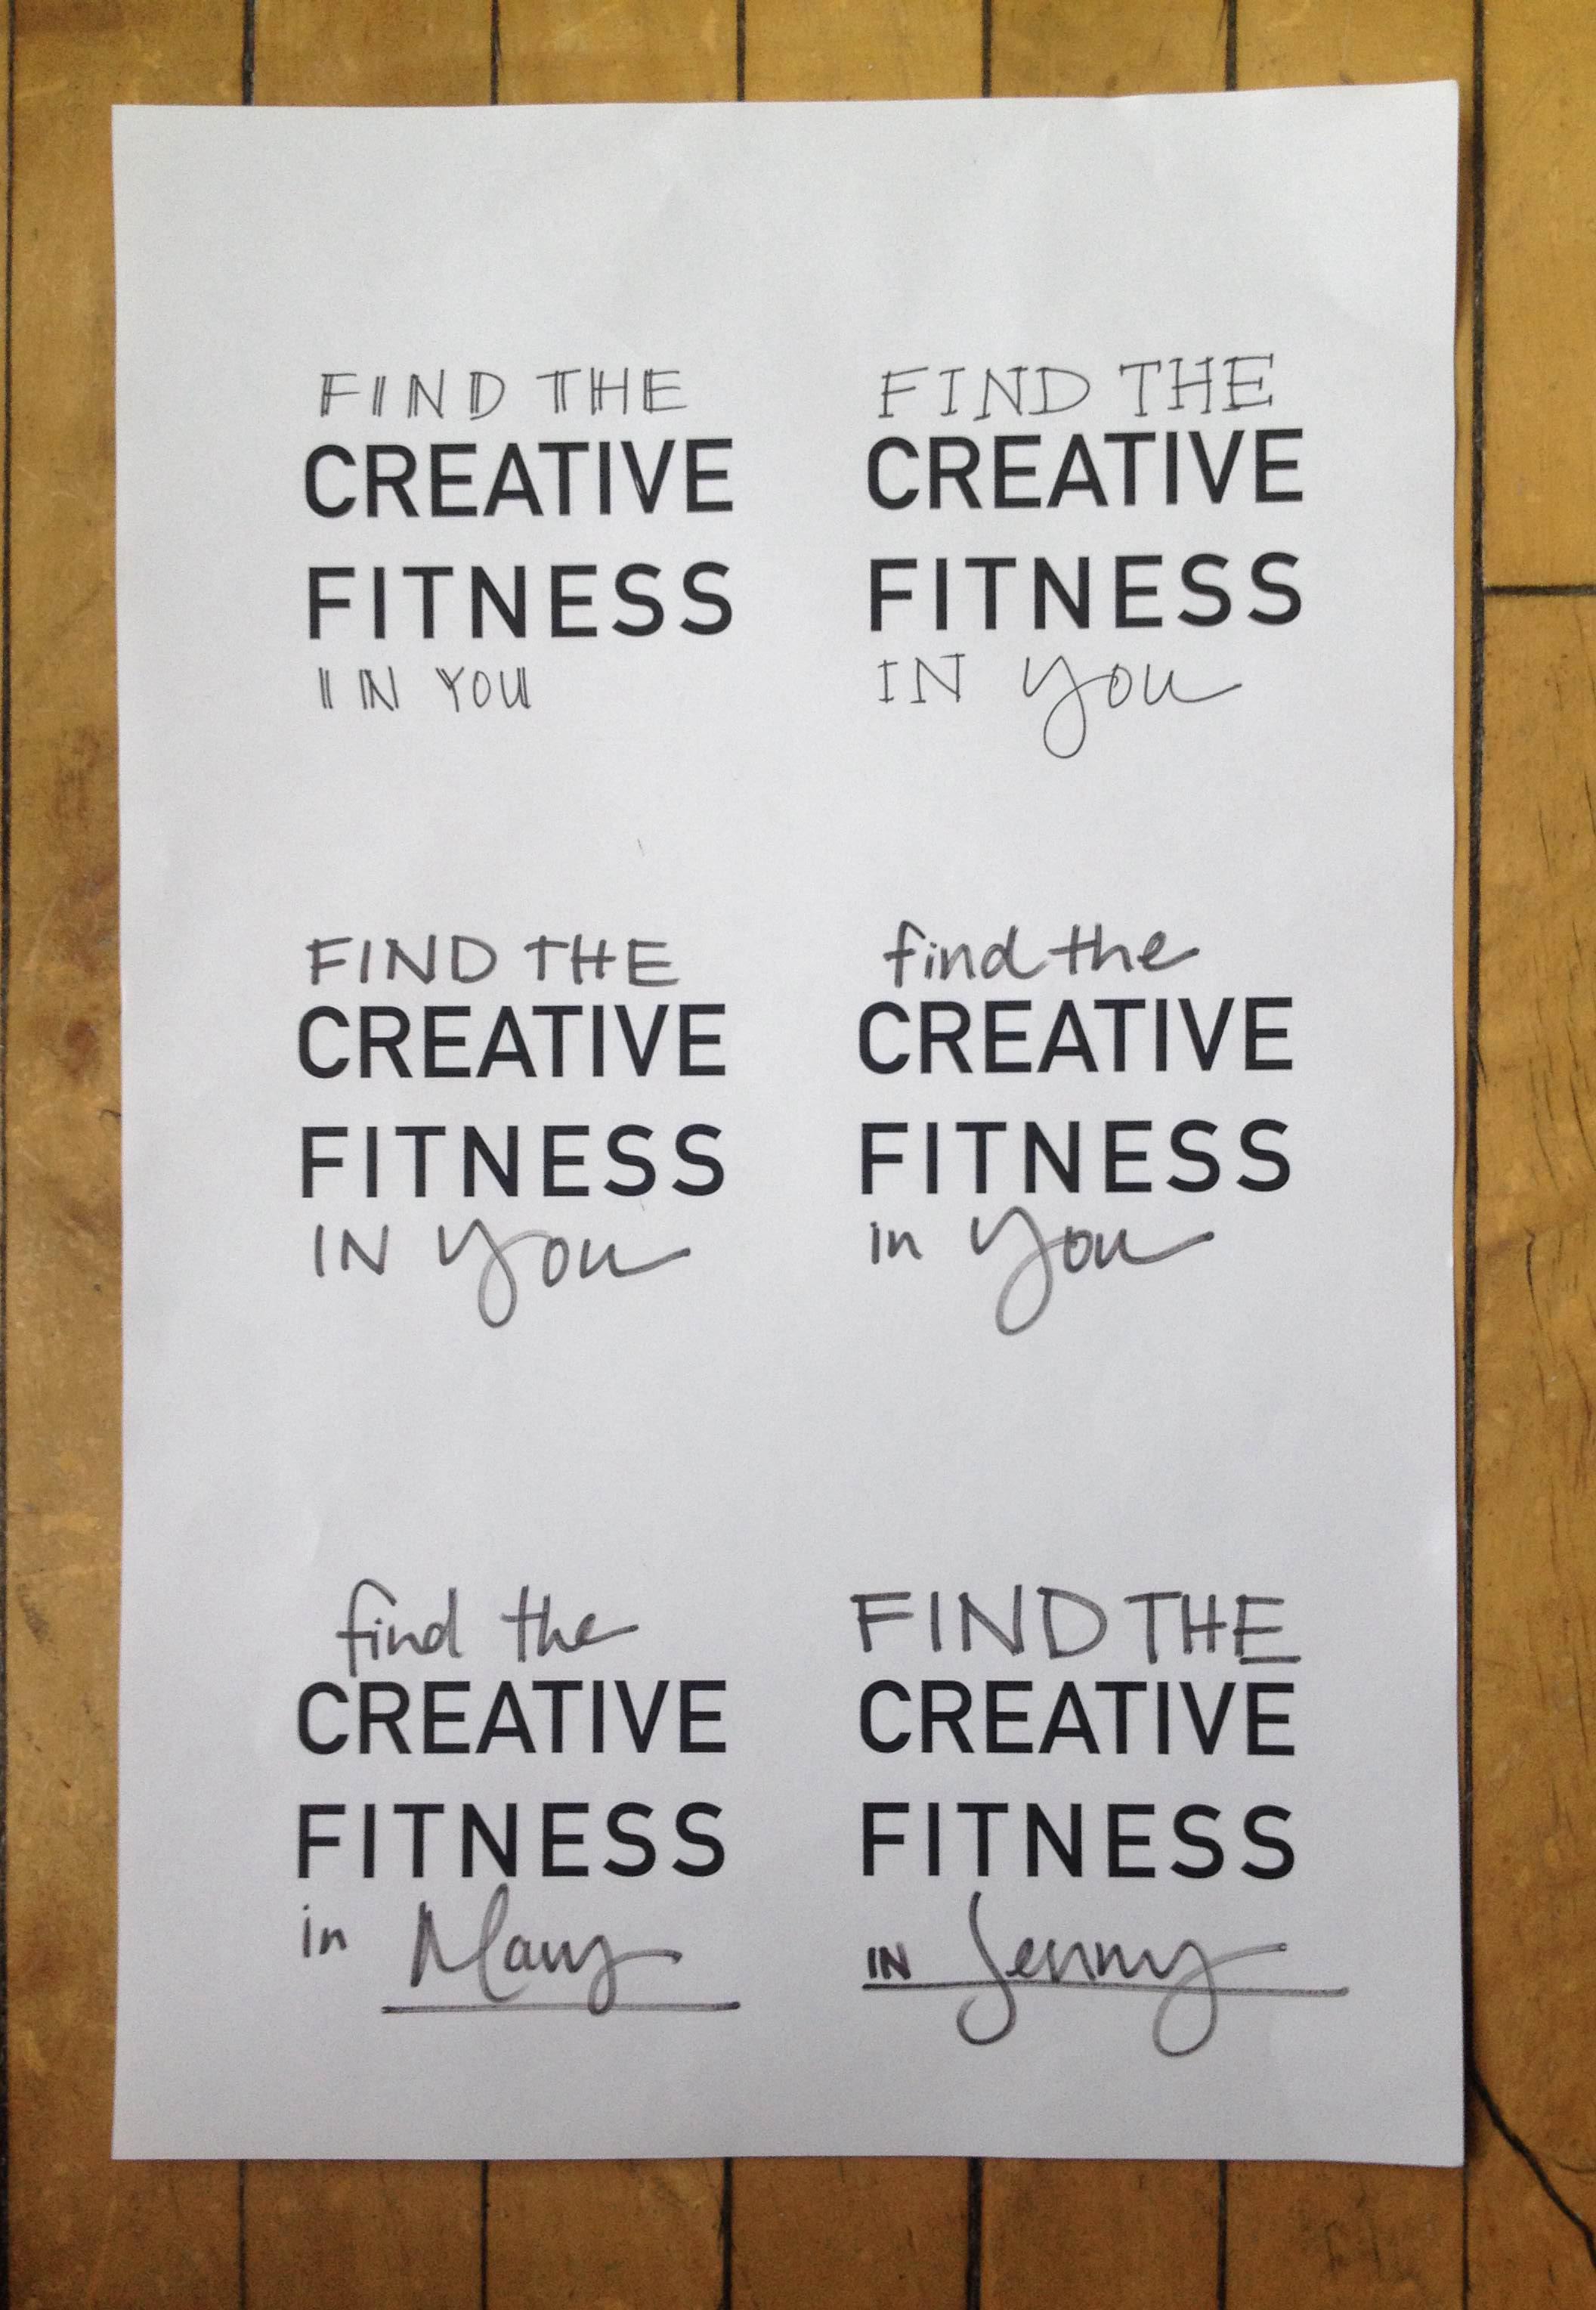 creative_7.jpg